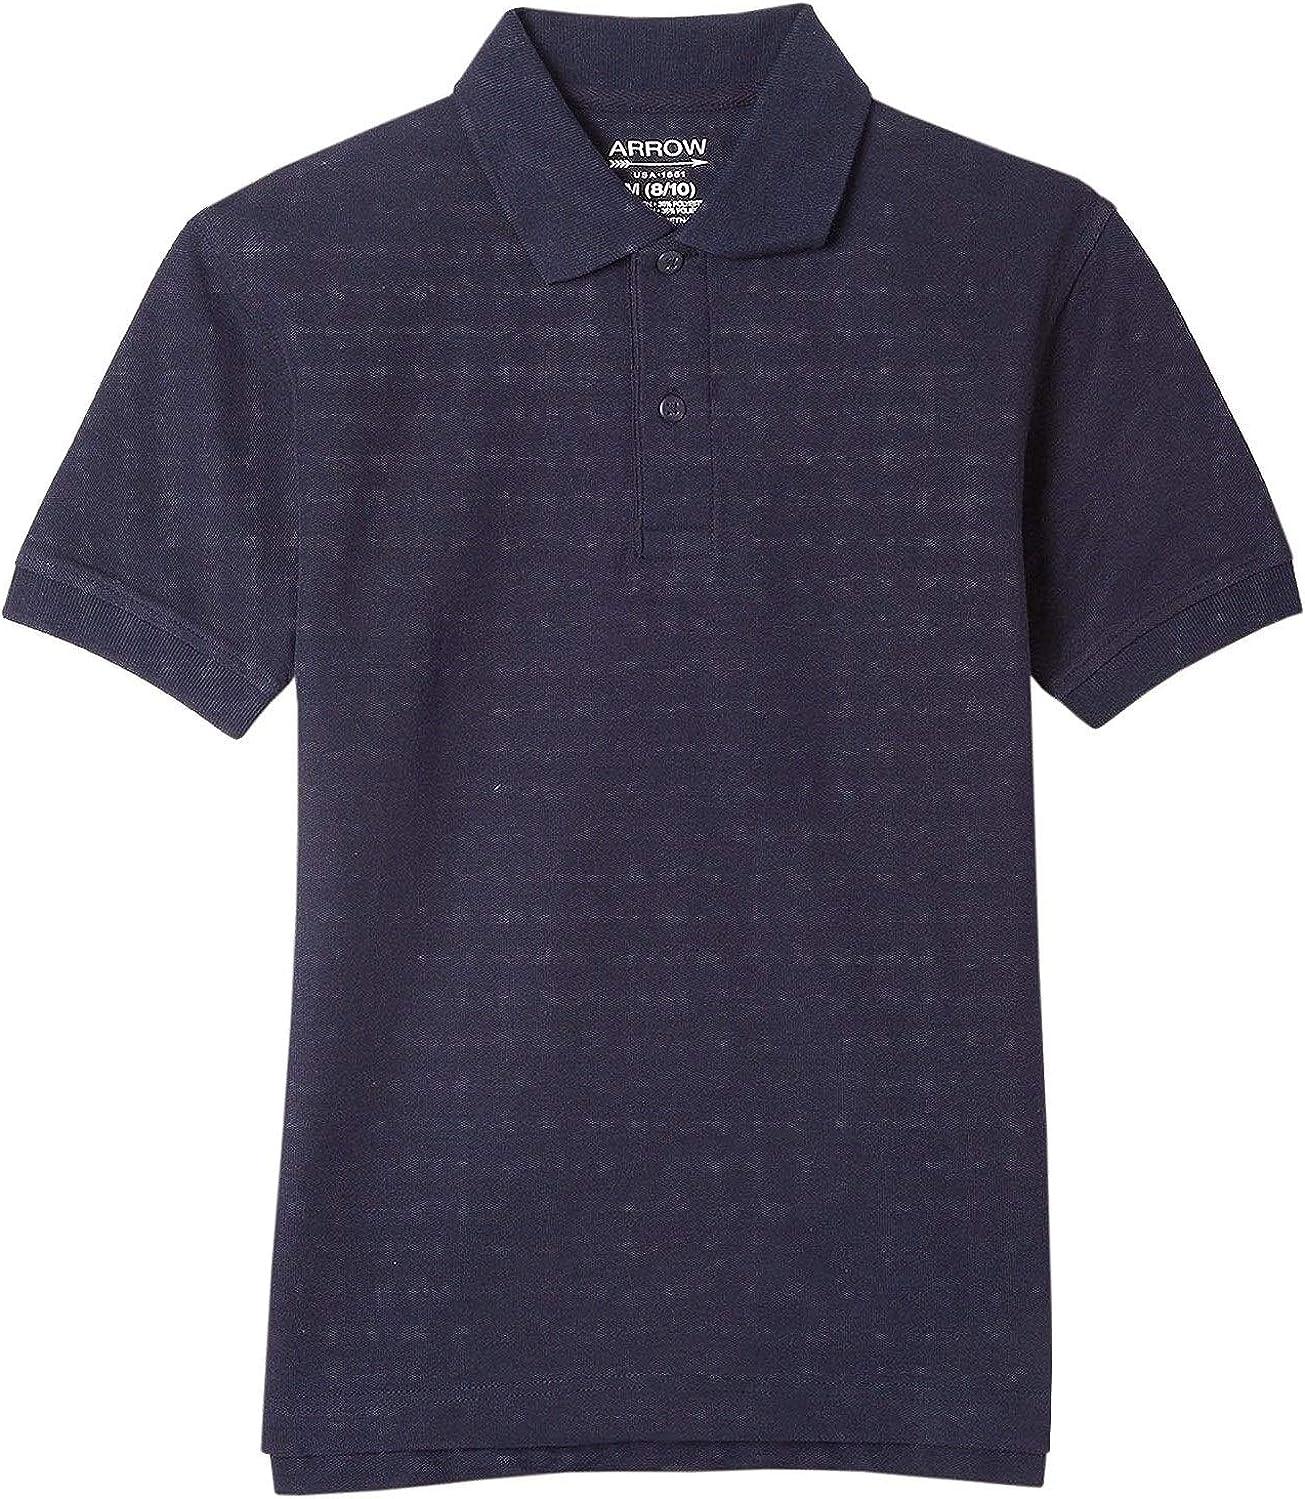 Arrow Approved Schoolwear Boys Short Sleeve Polo, Navy Blue, XL/XG (16)